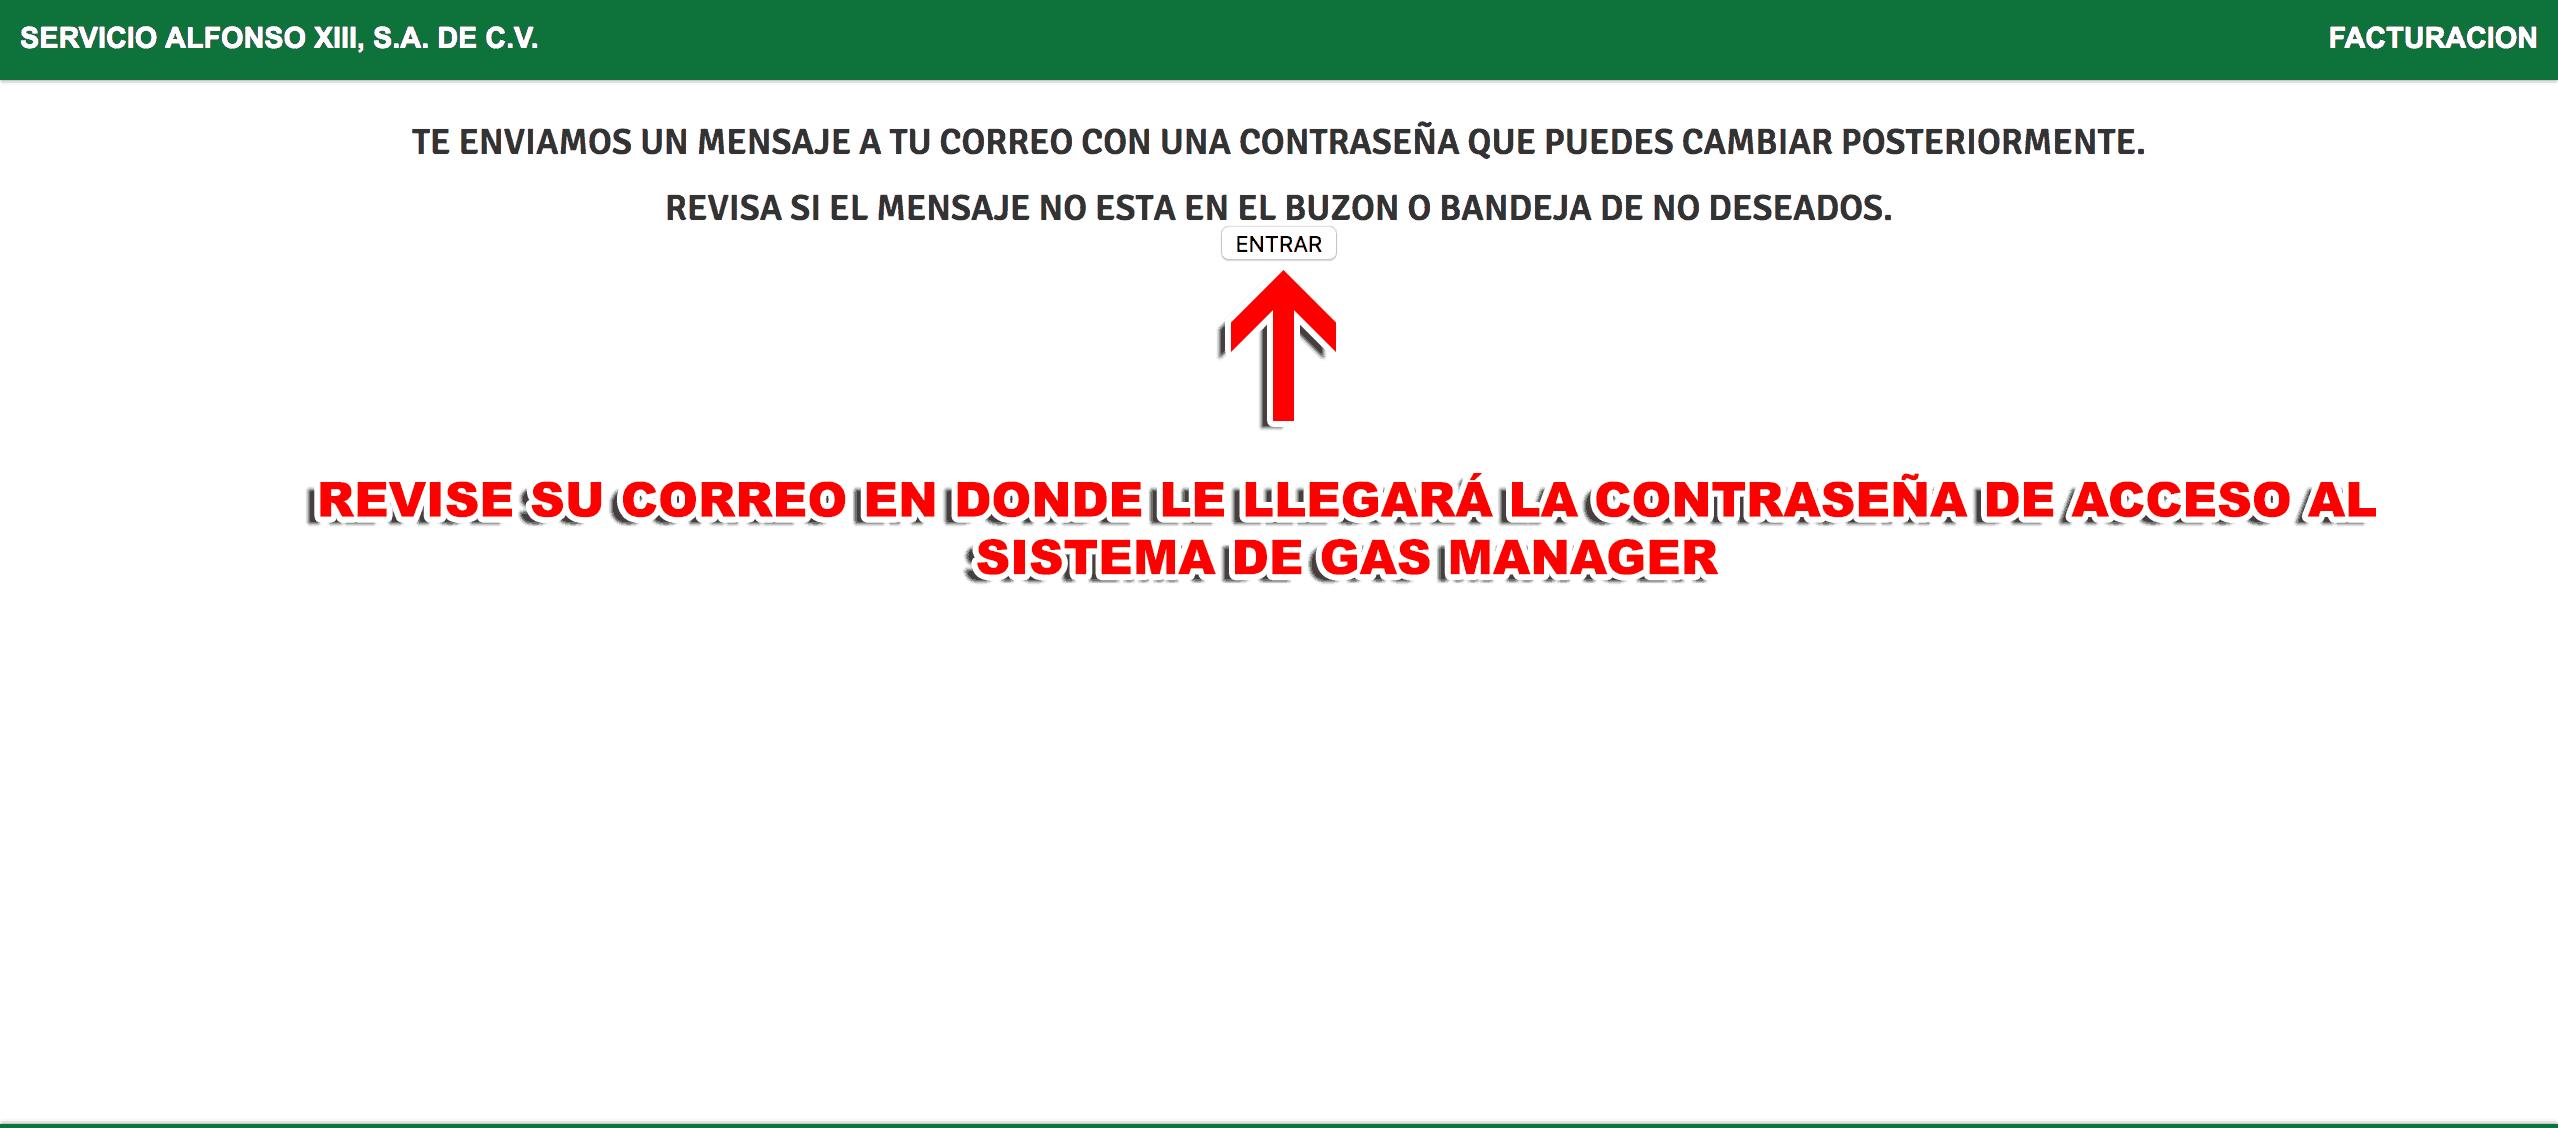 Gas Manager Paso 1  Registro en el sistema